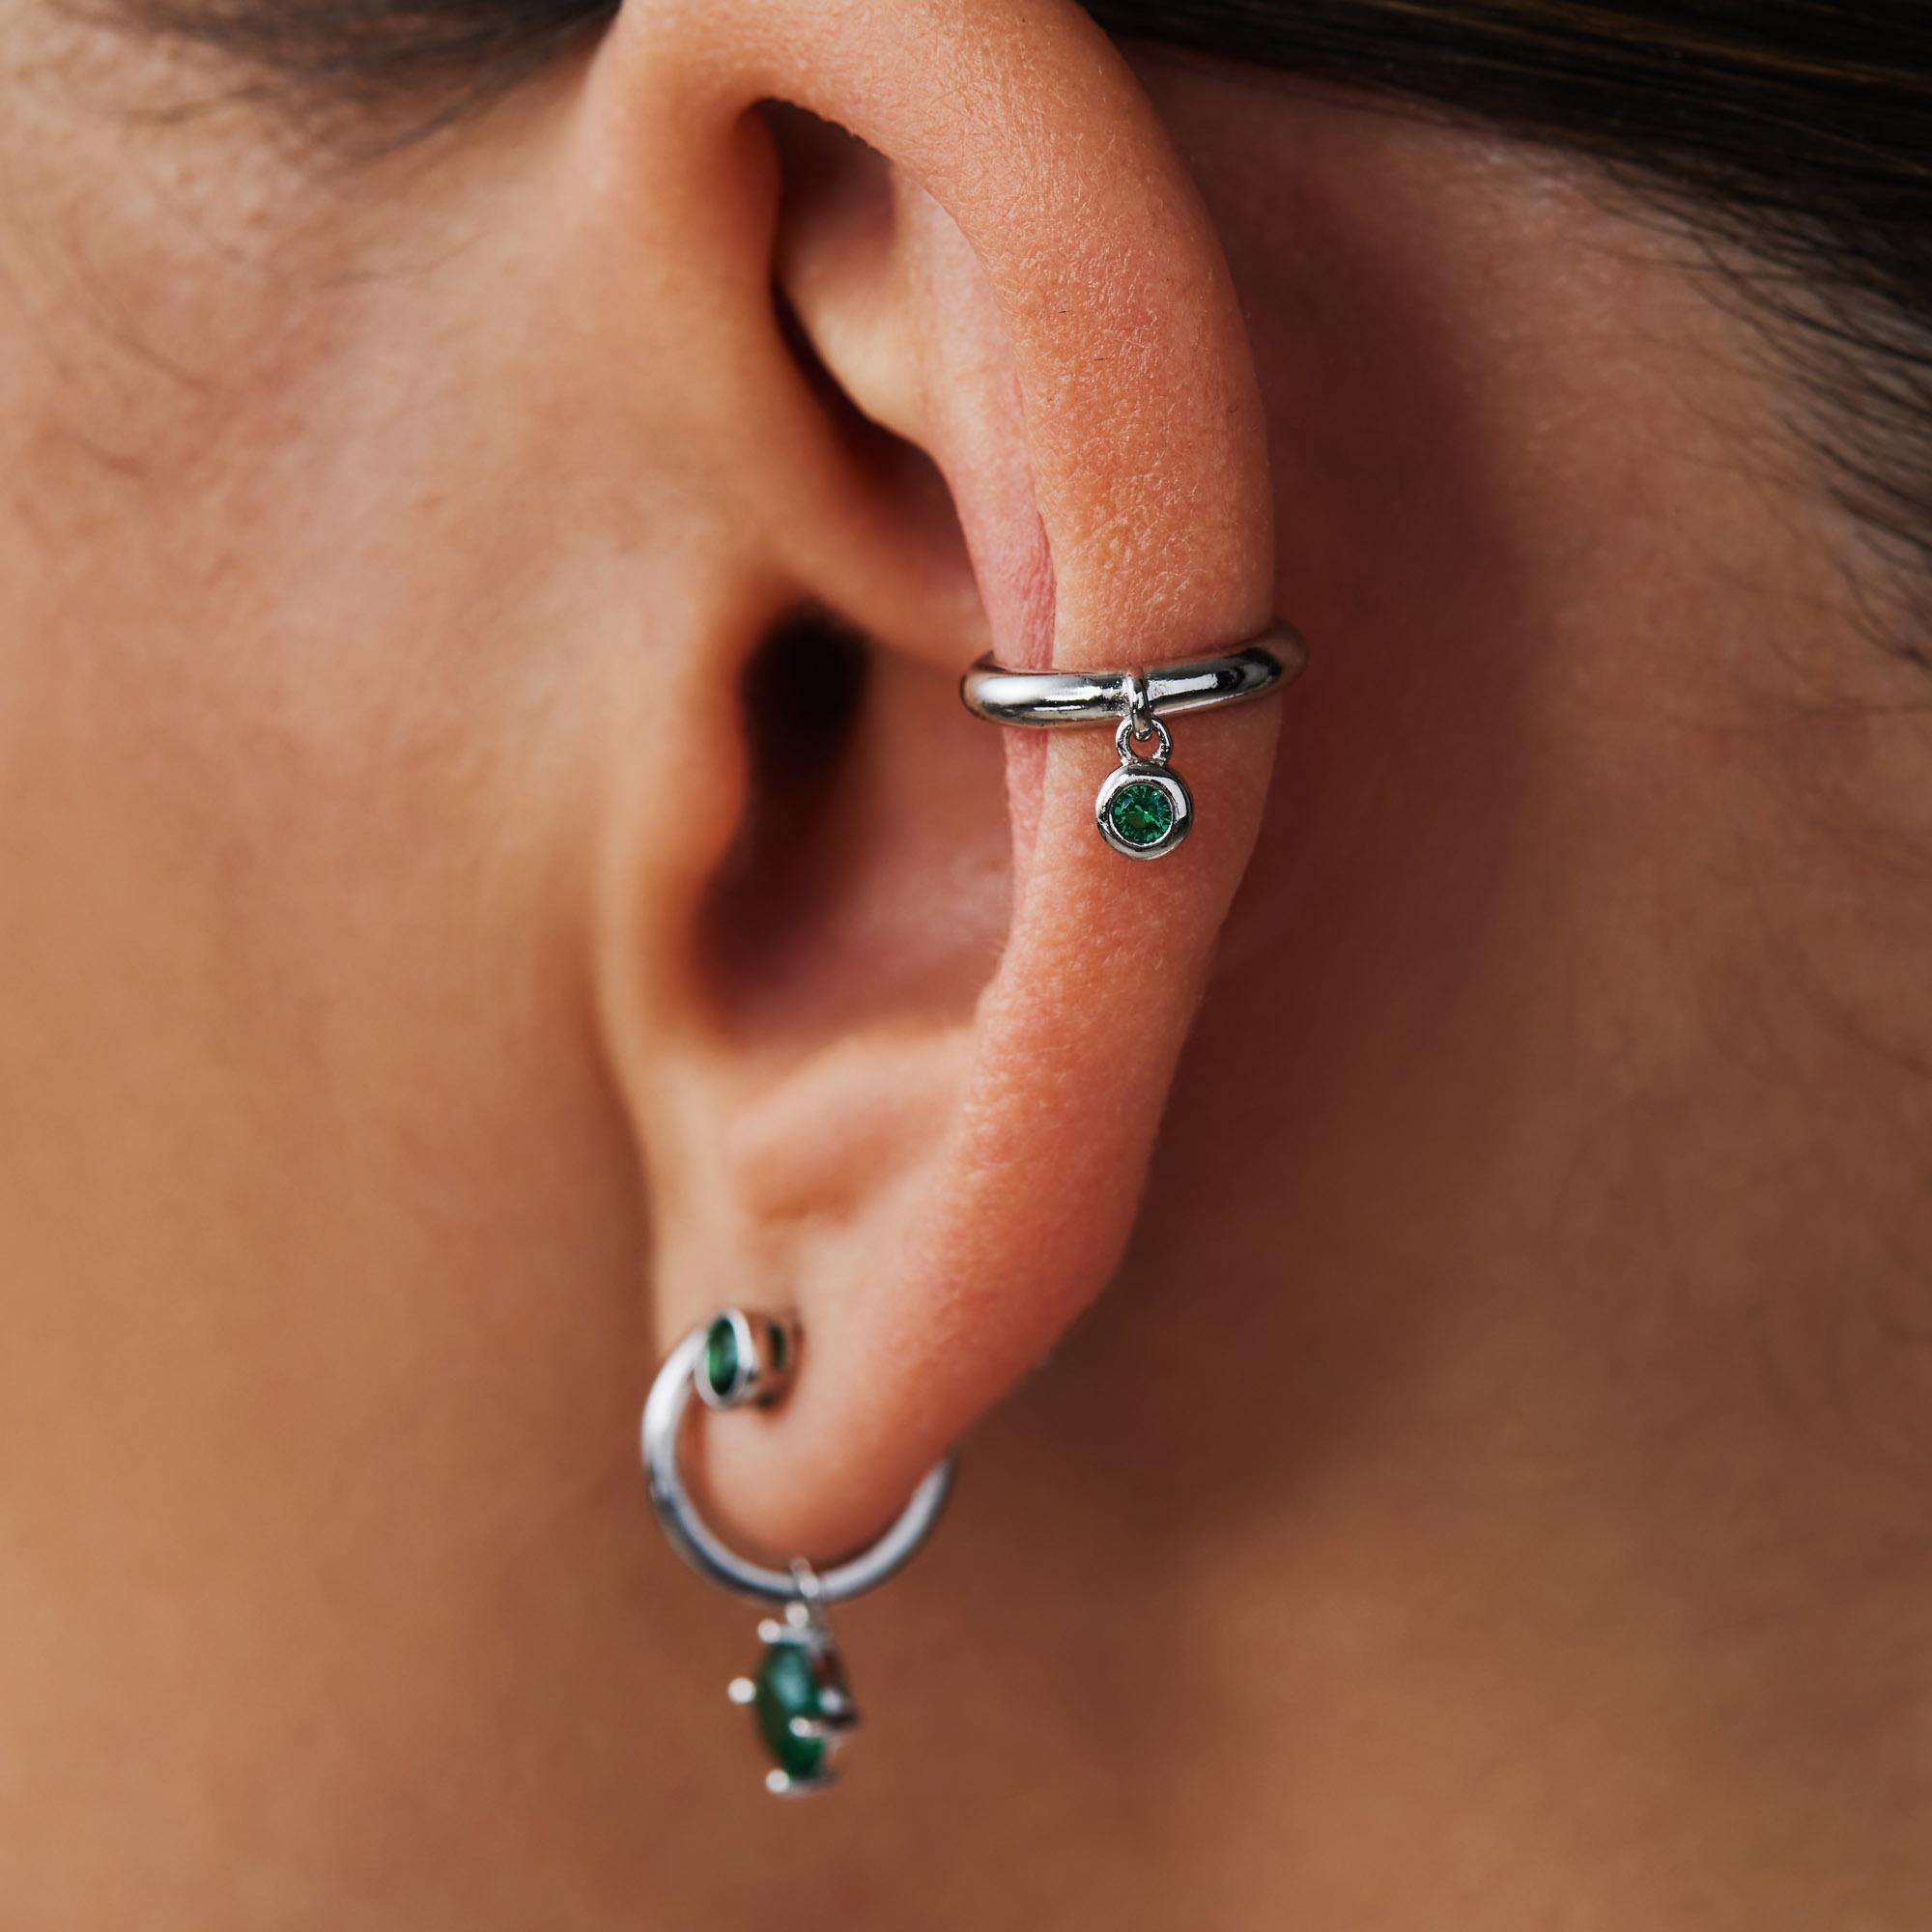 Violet Hamden Venus 925 sterling zilveren ear cuff met geboortesteen